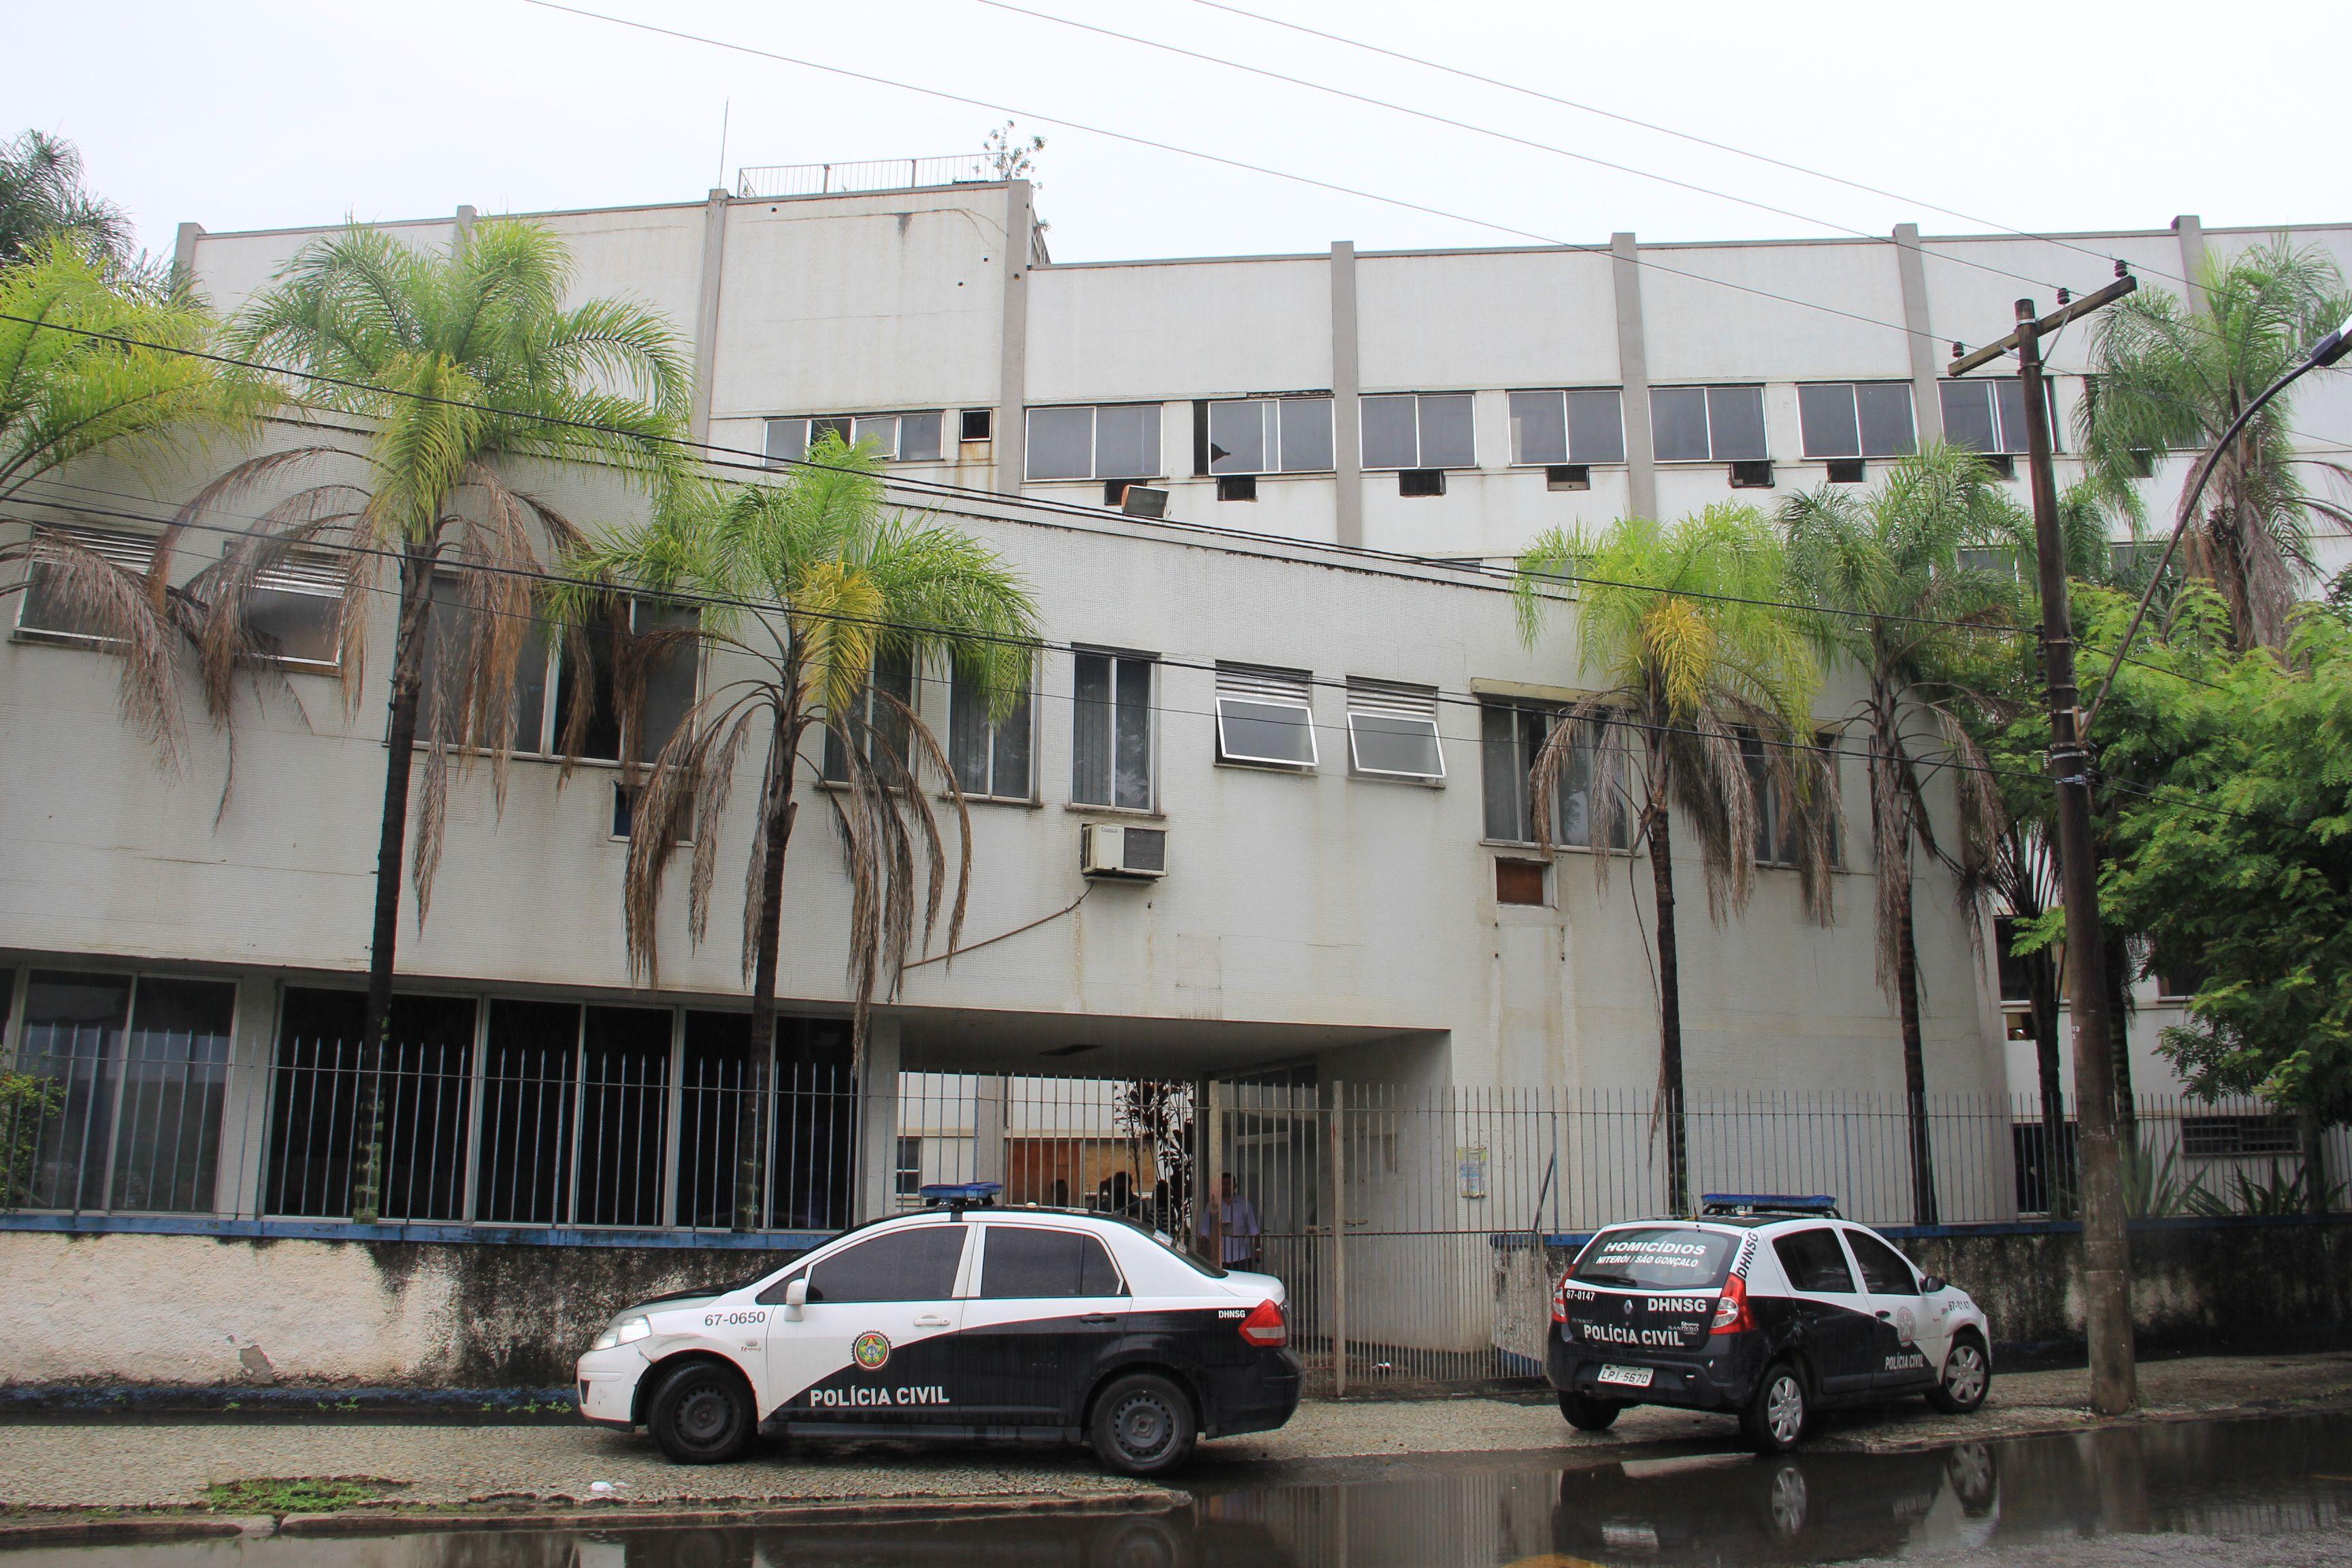 Delegacia de Niterói será inaugurada este ano - Band.com.br